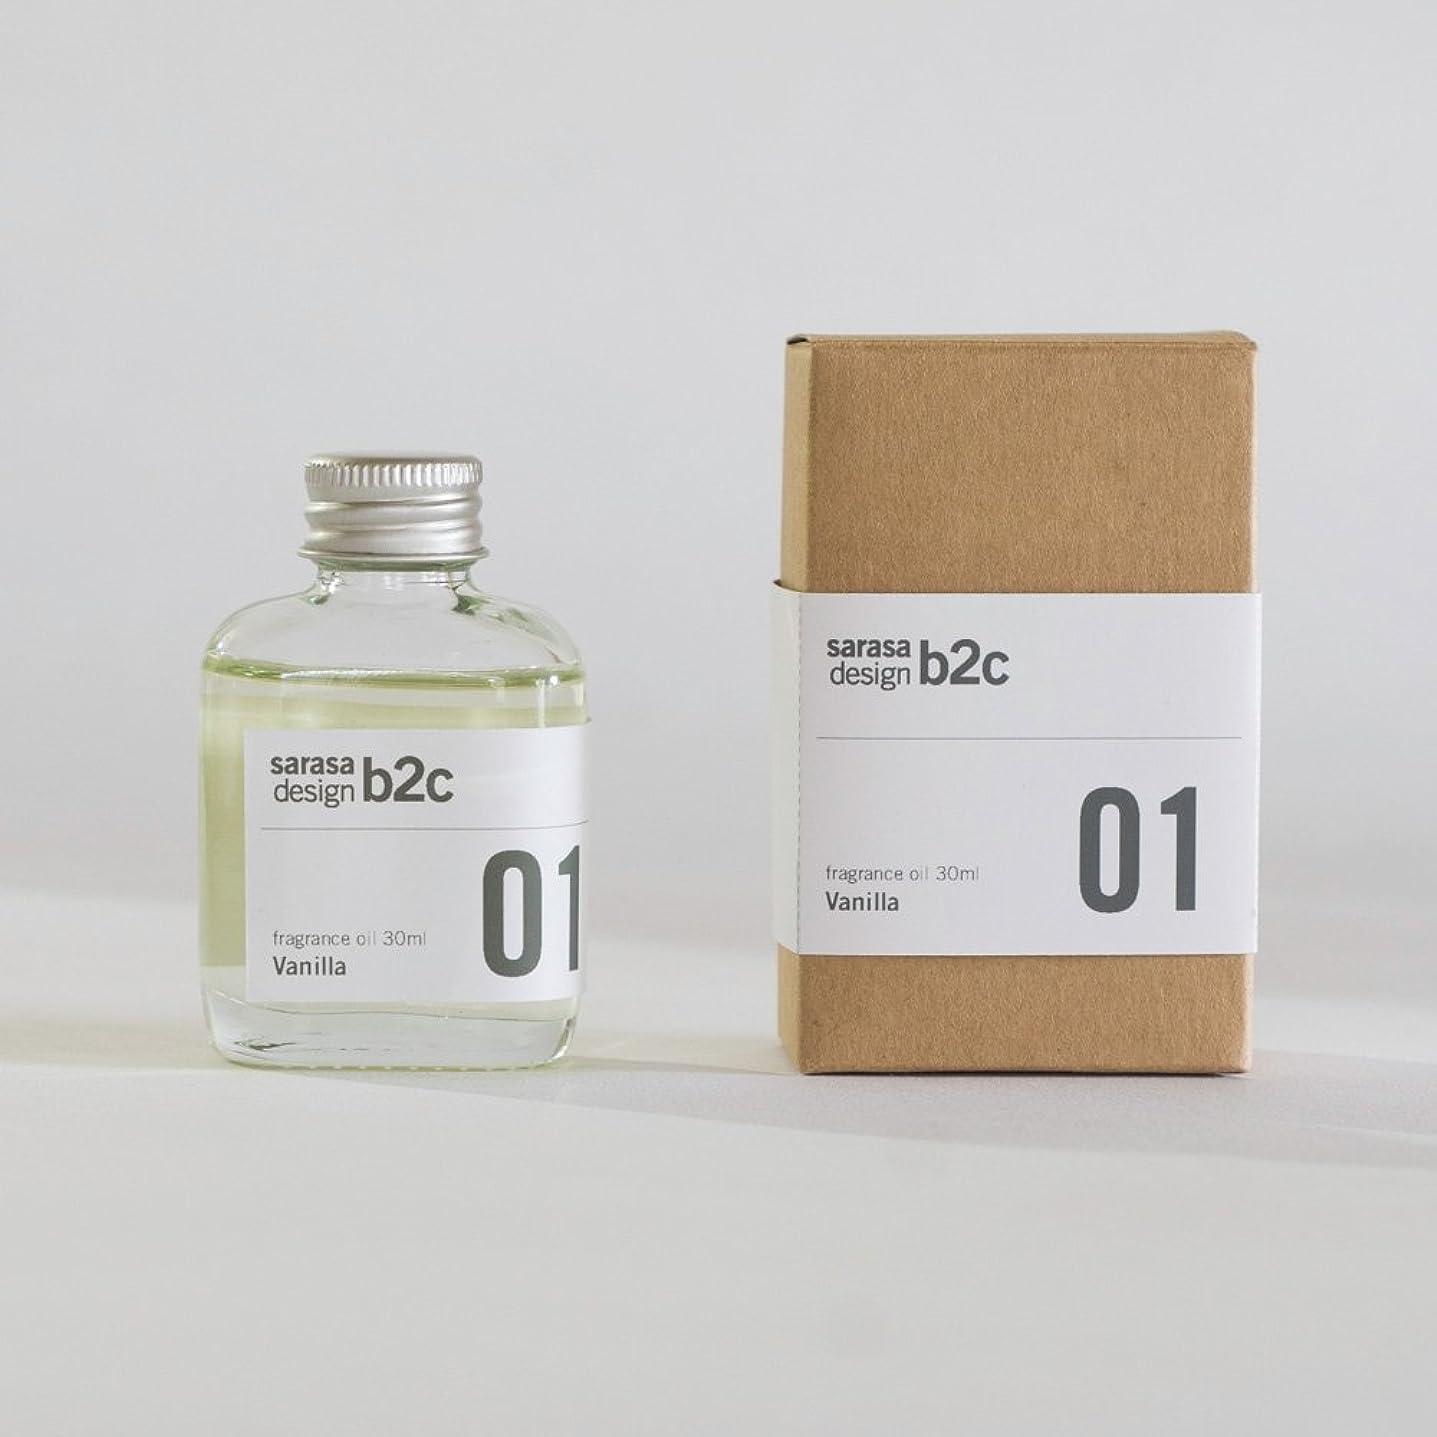 十一さわやかチューインガムar002md/b2c フレグランスオイル30ml《マンダリン》| 芳香剤 ルームフレグランス リードディフューザー アロマ ディフューザー